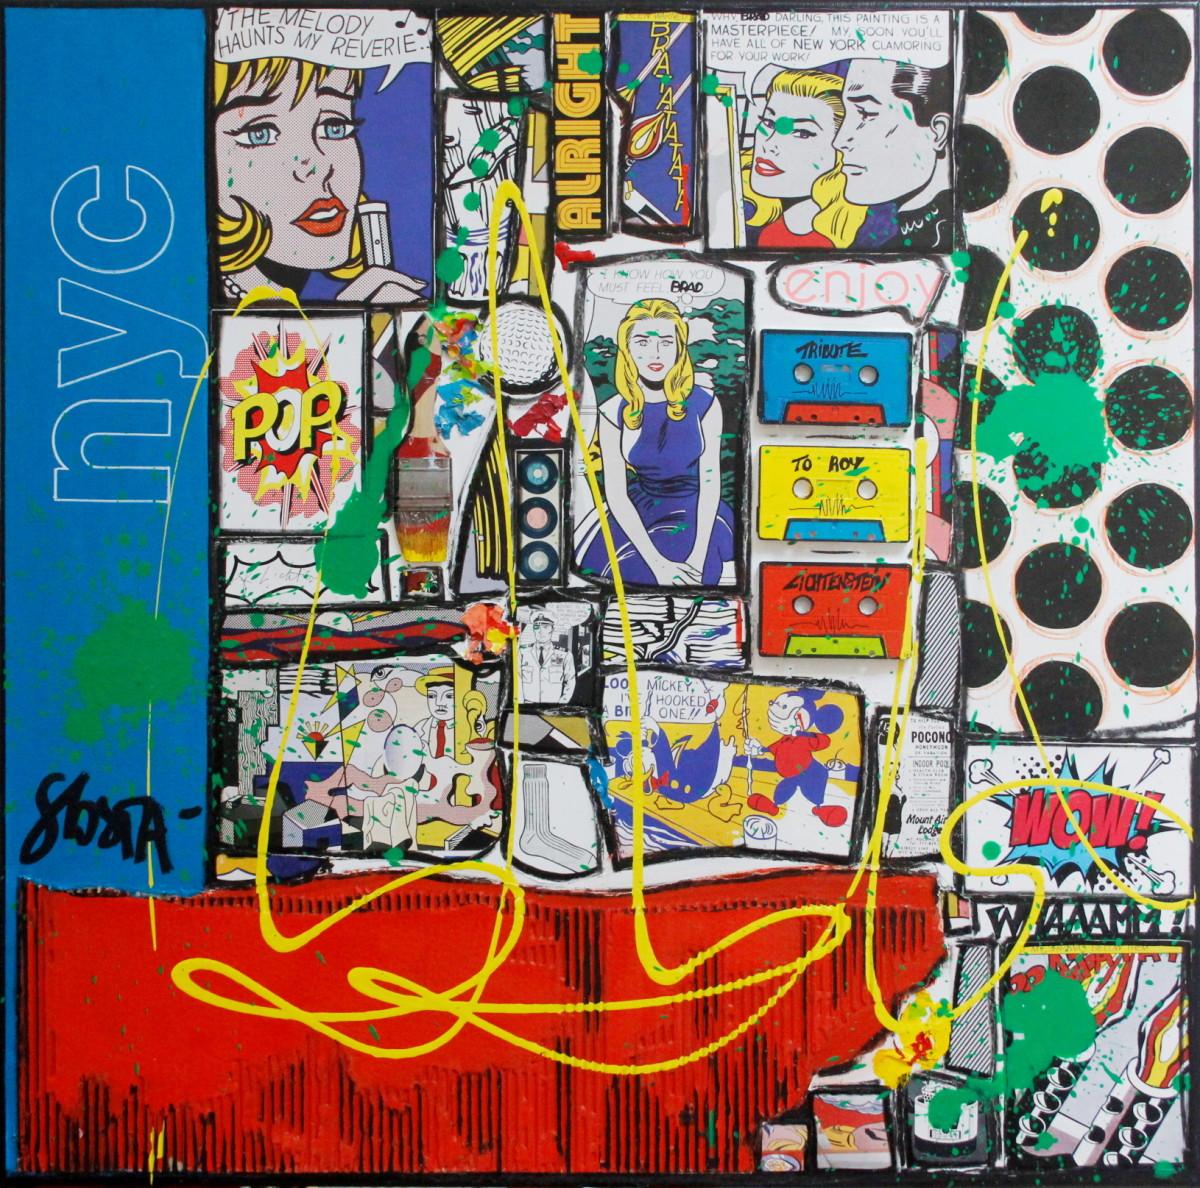 Tableau Contemporain, BRAD, tribute to R. Lichtenstein. Sophie Costa, artiste peintre.